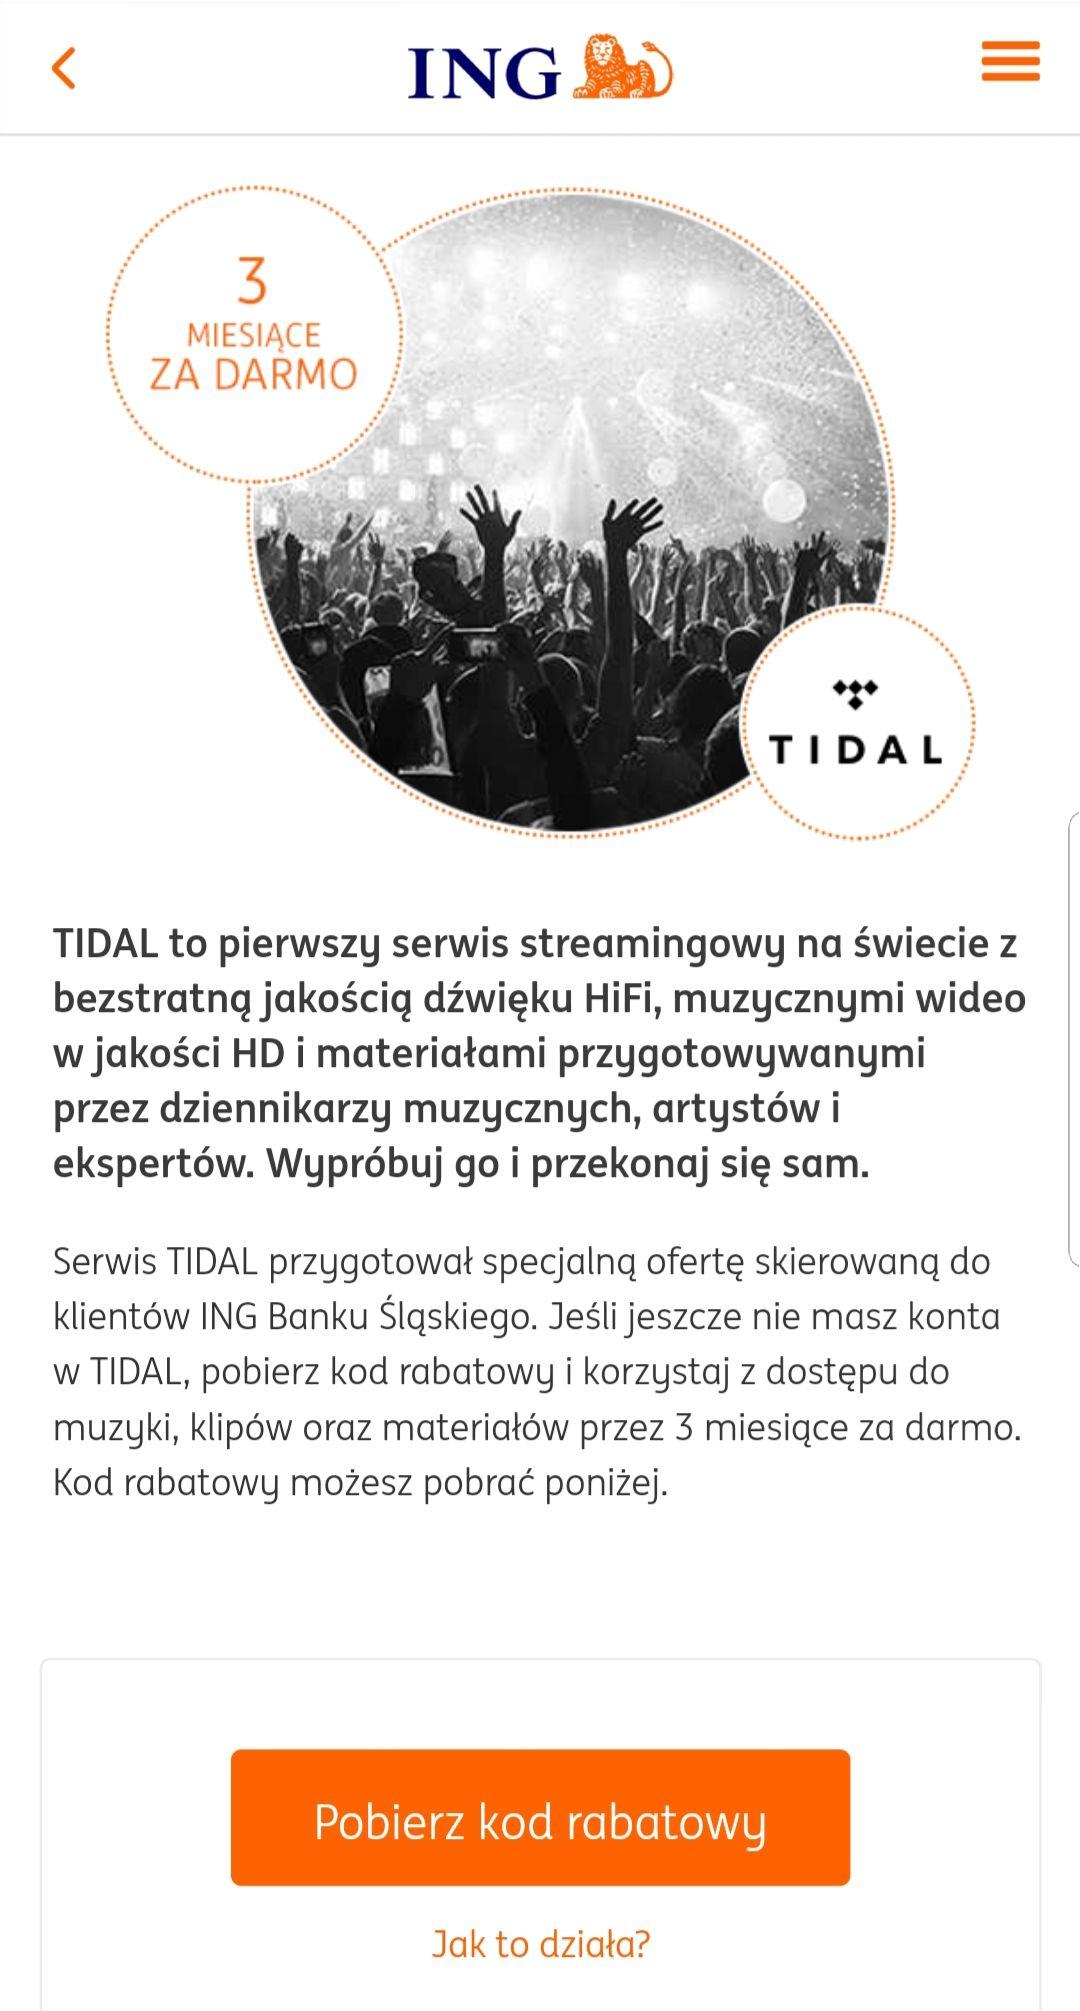 TIDAL Premium - 3 miesiące za darmo dla klientów ING Banku Śląskiego